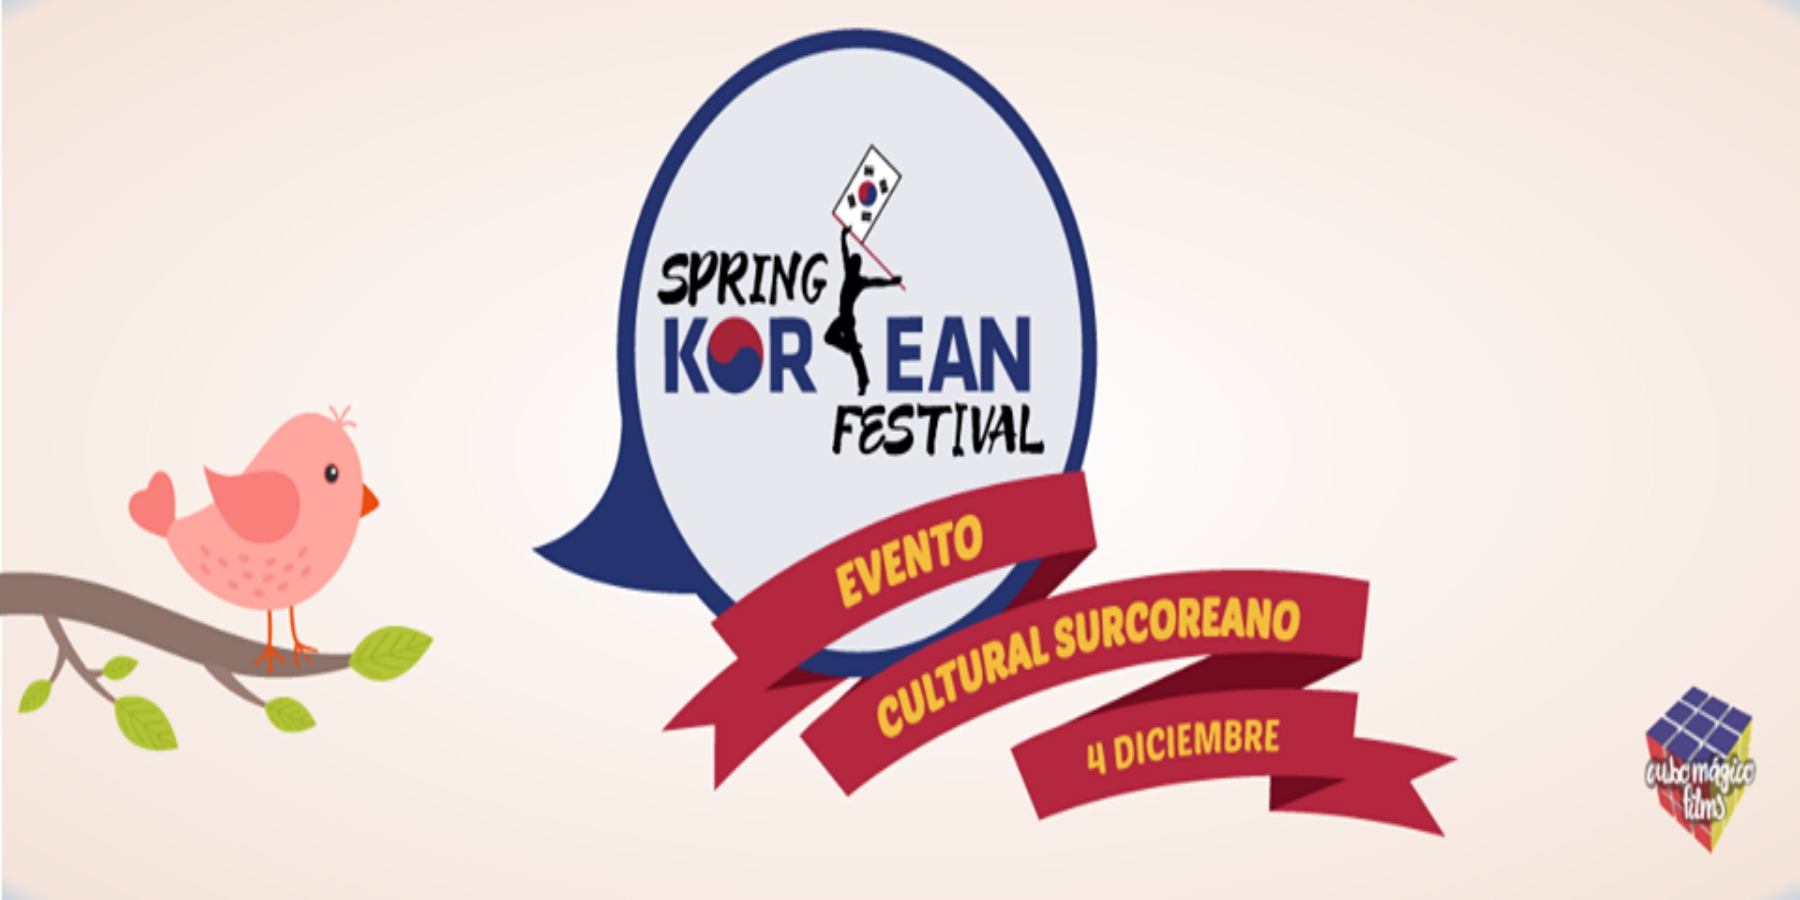 Spring Korean Festival